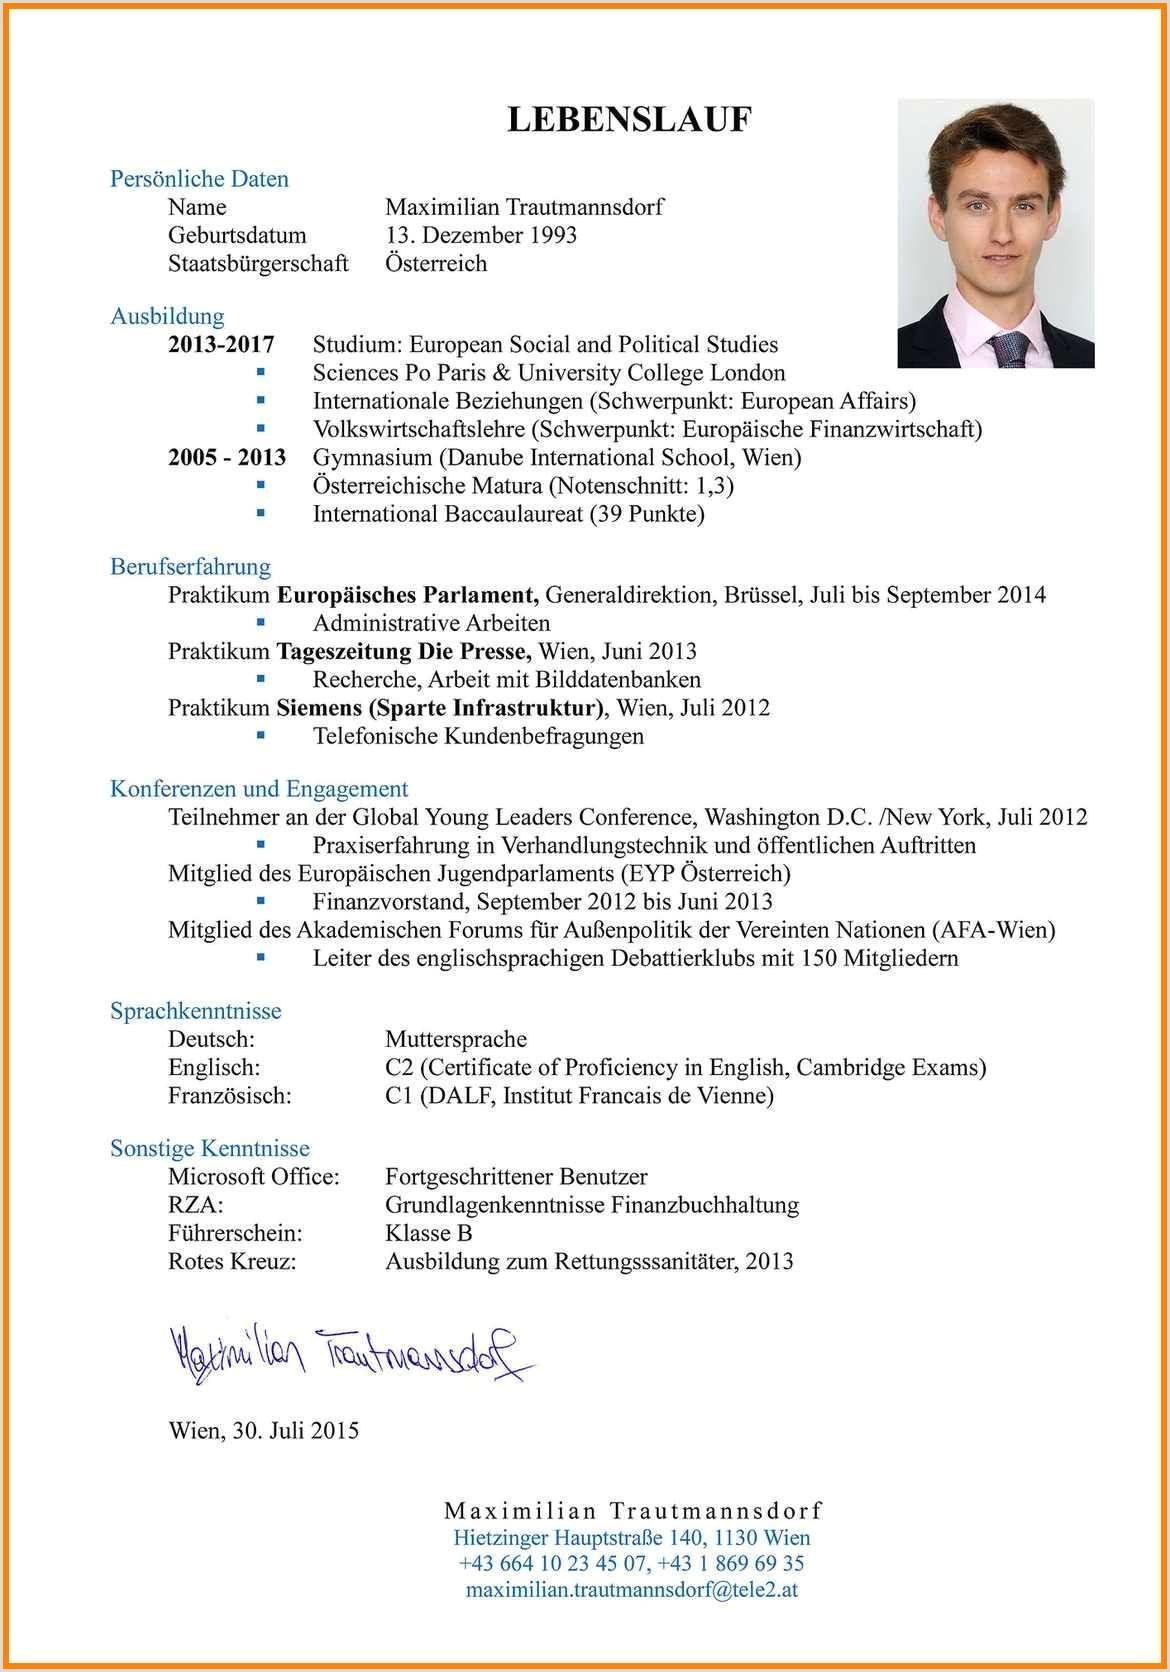 Lebenslauf Muster Unterschrift 14 Lebenslauf Unterschrift